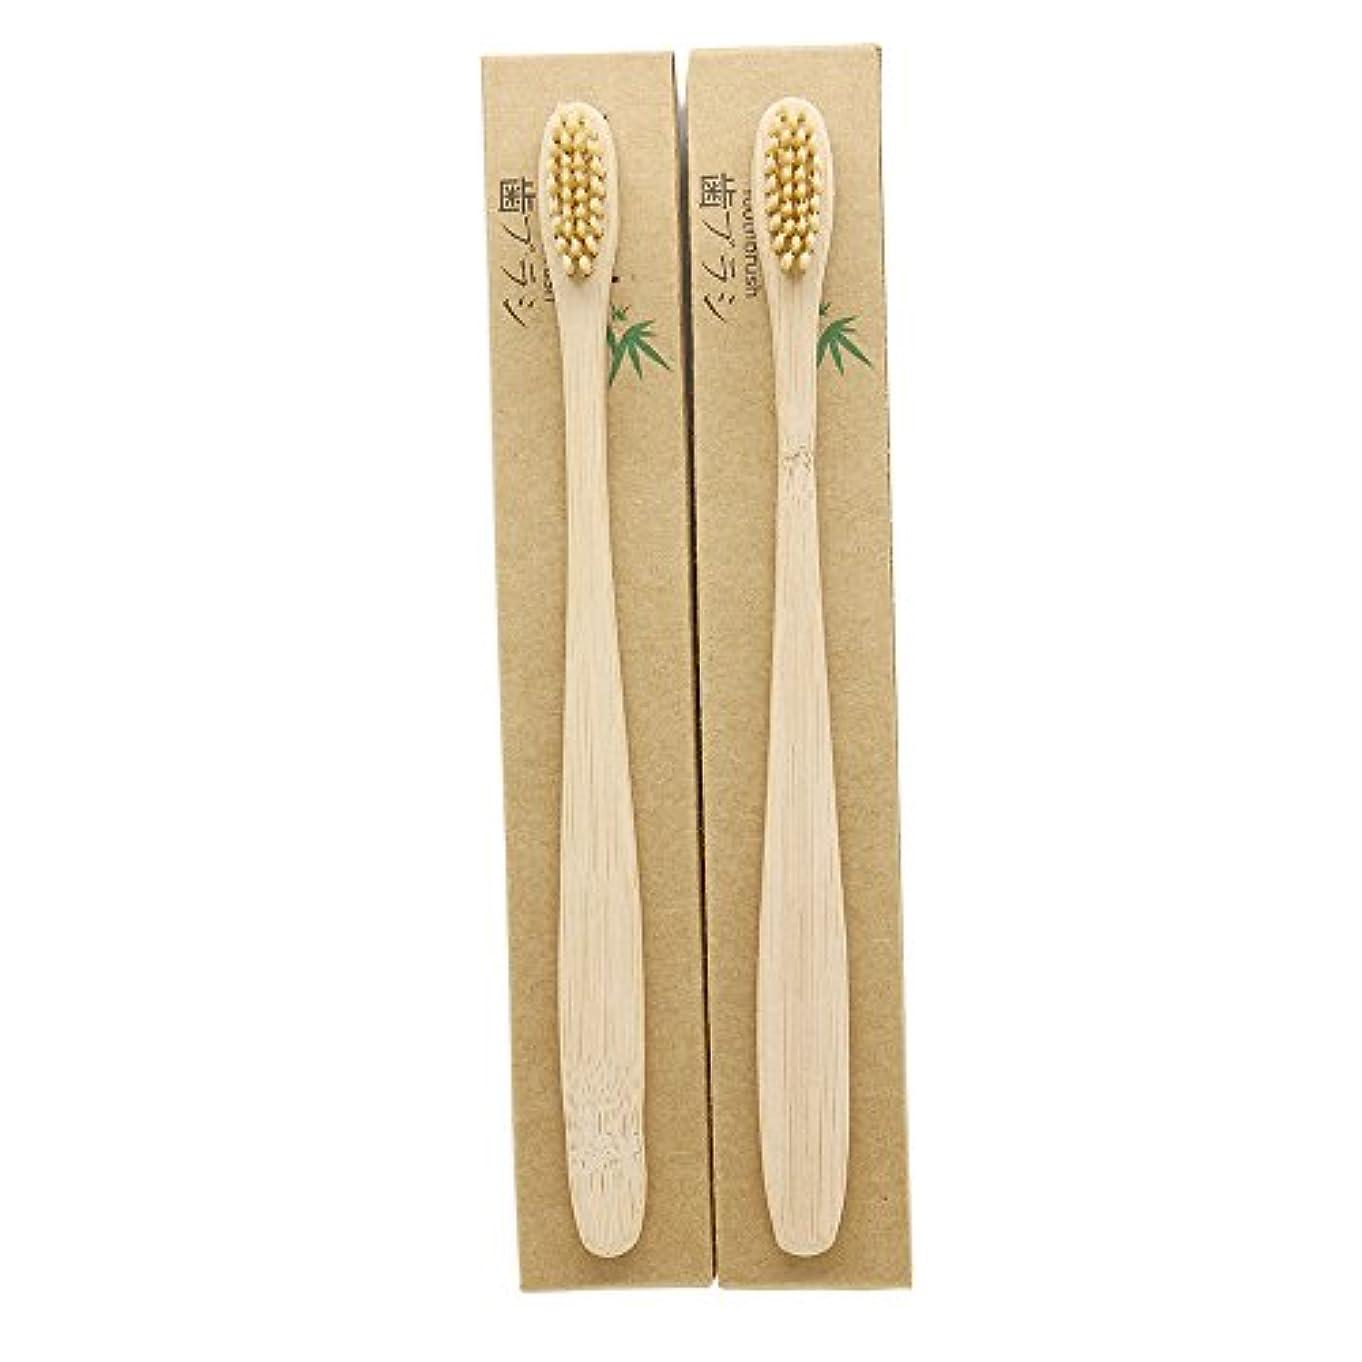 寝てるハング医薬品N-amboo 竹製耐久度高い 歯ブラシ 2本入り セット エコ ヘッド小さい クリ—ム色